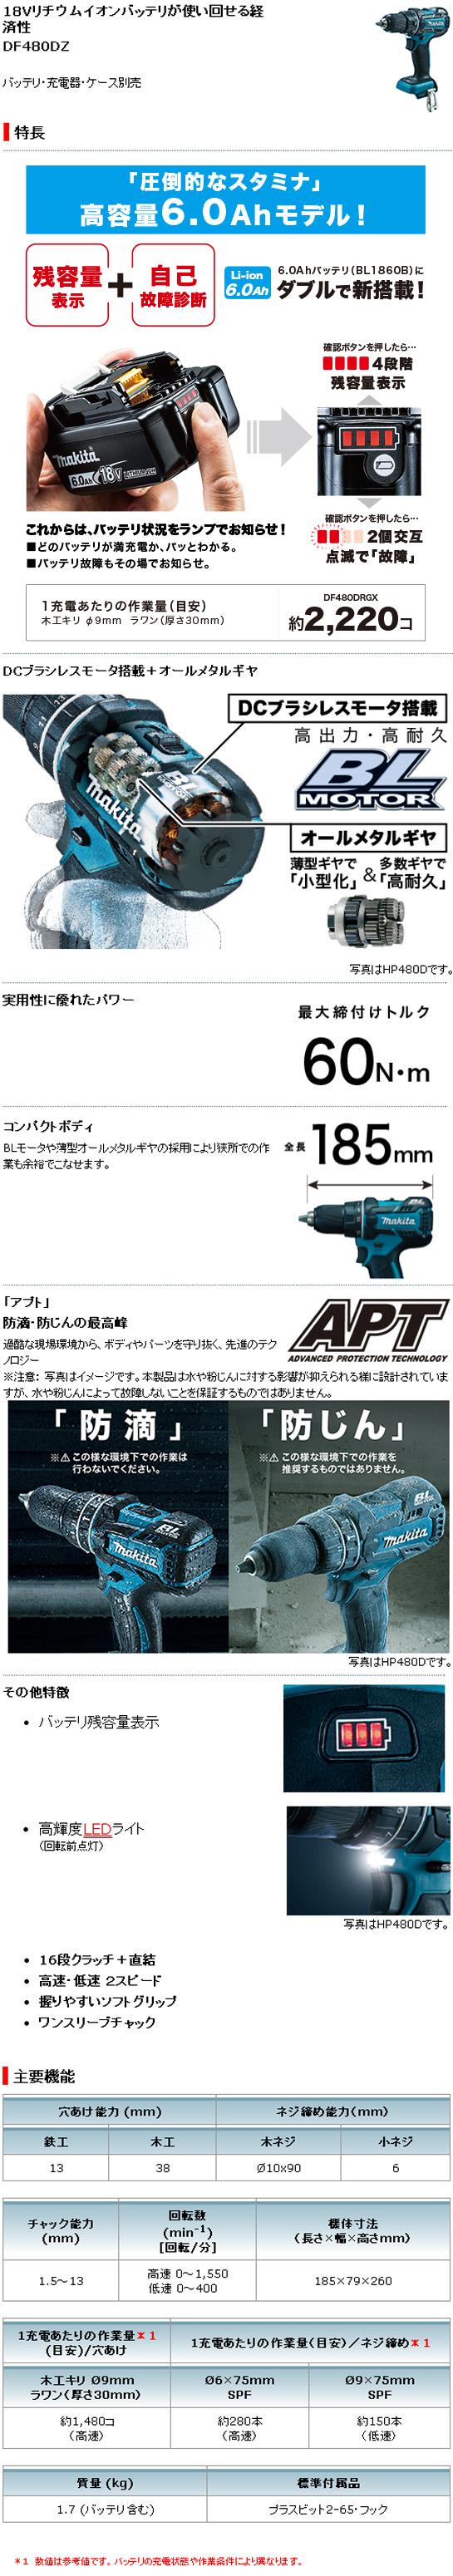 マキタ 18V充電式ドライバドリル DF480DRGX(6.0Ah)